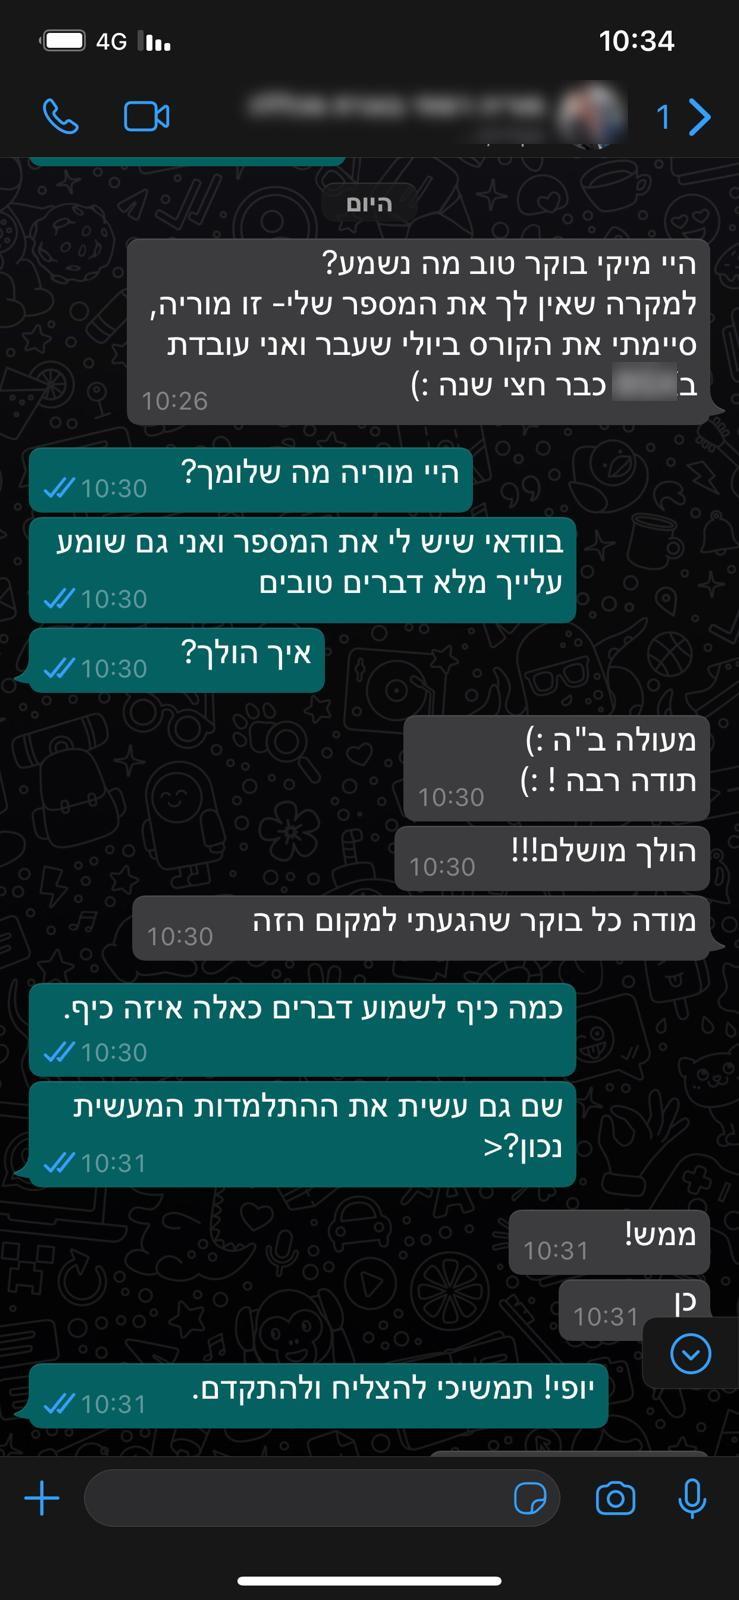 WhatsApp Image 2021-06-14 at 10.05.33